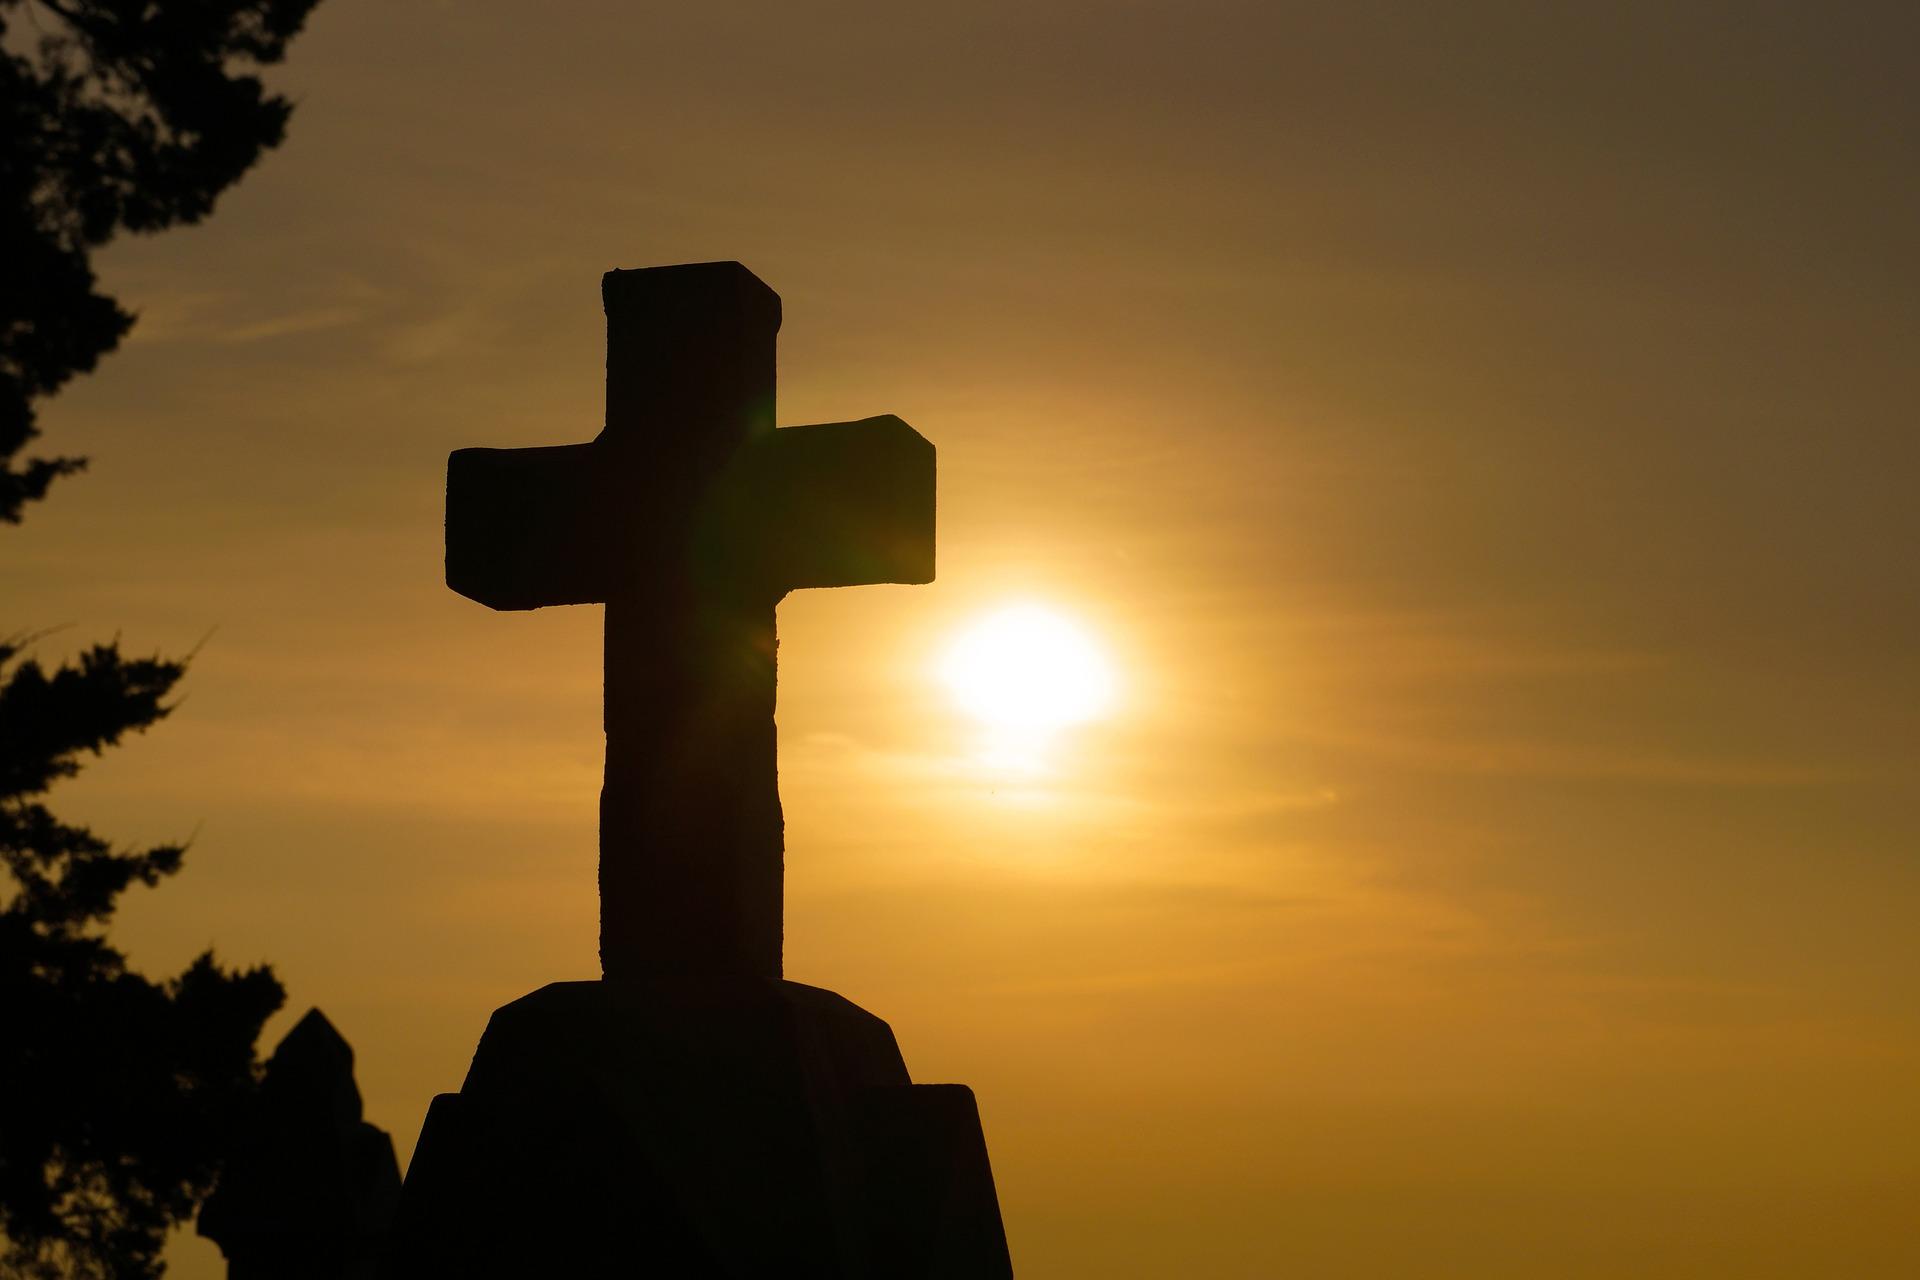 Uccisi e perseguitati, non si ferma la violenza contro i cristiani: 4 morti in Indonesia